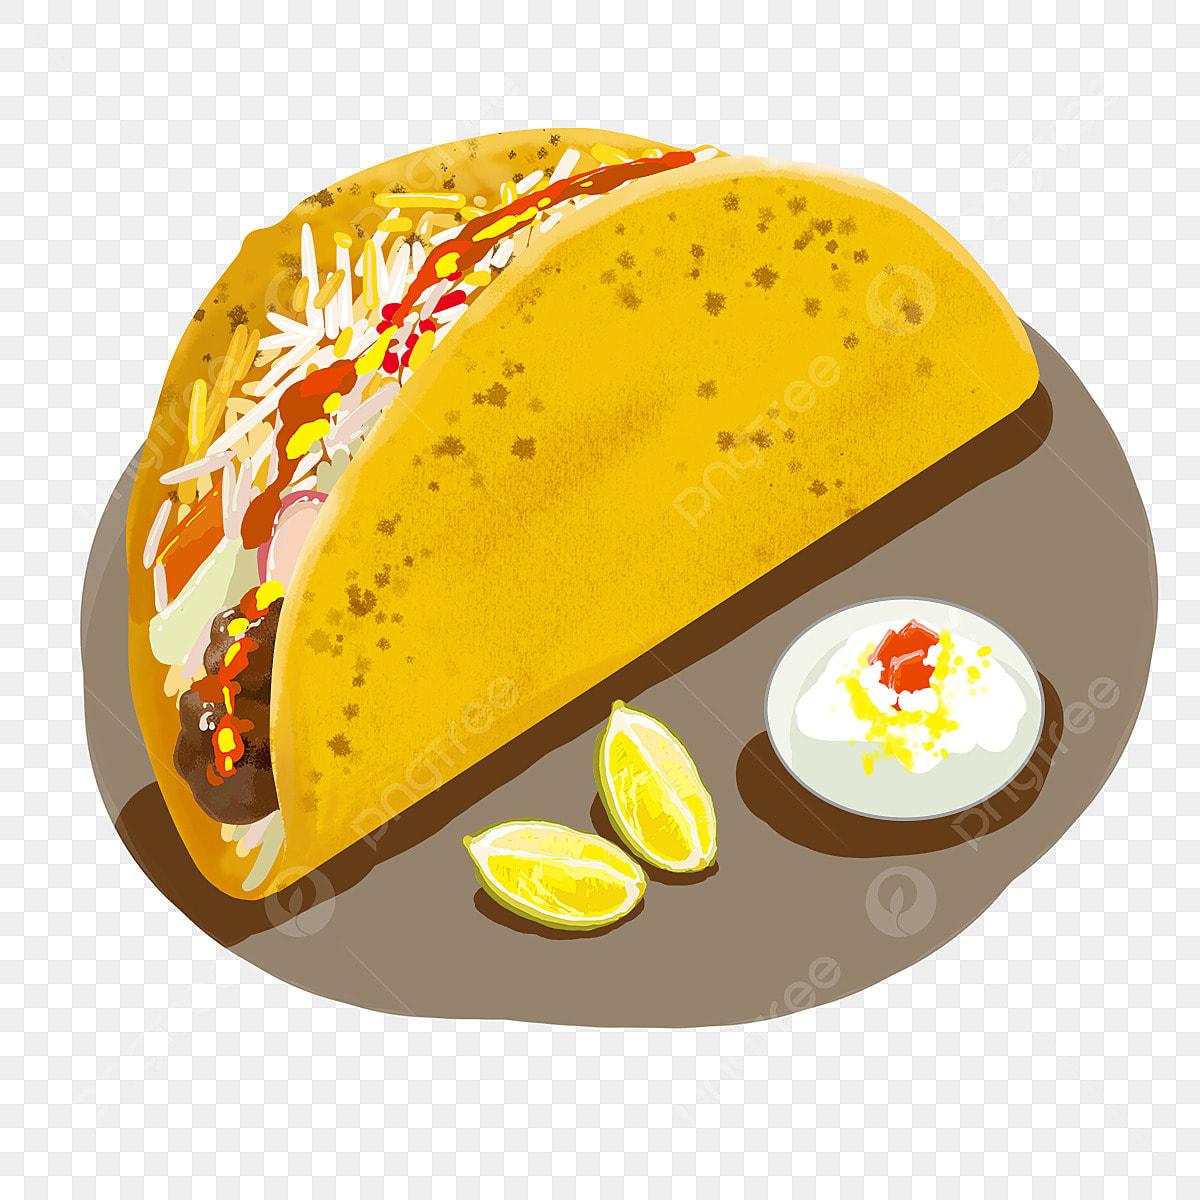 Mhb2vuhlrh6r M Taco png illustrations & vectors. https pngtree com so taco